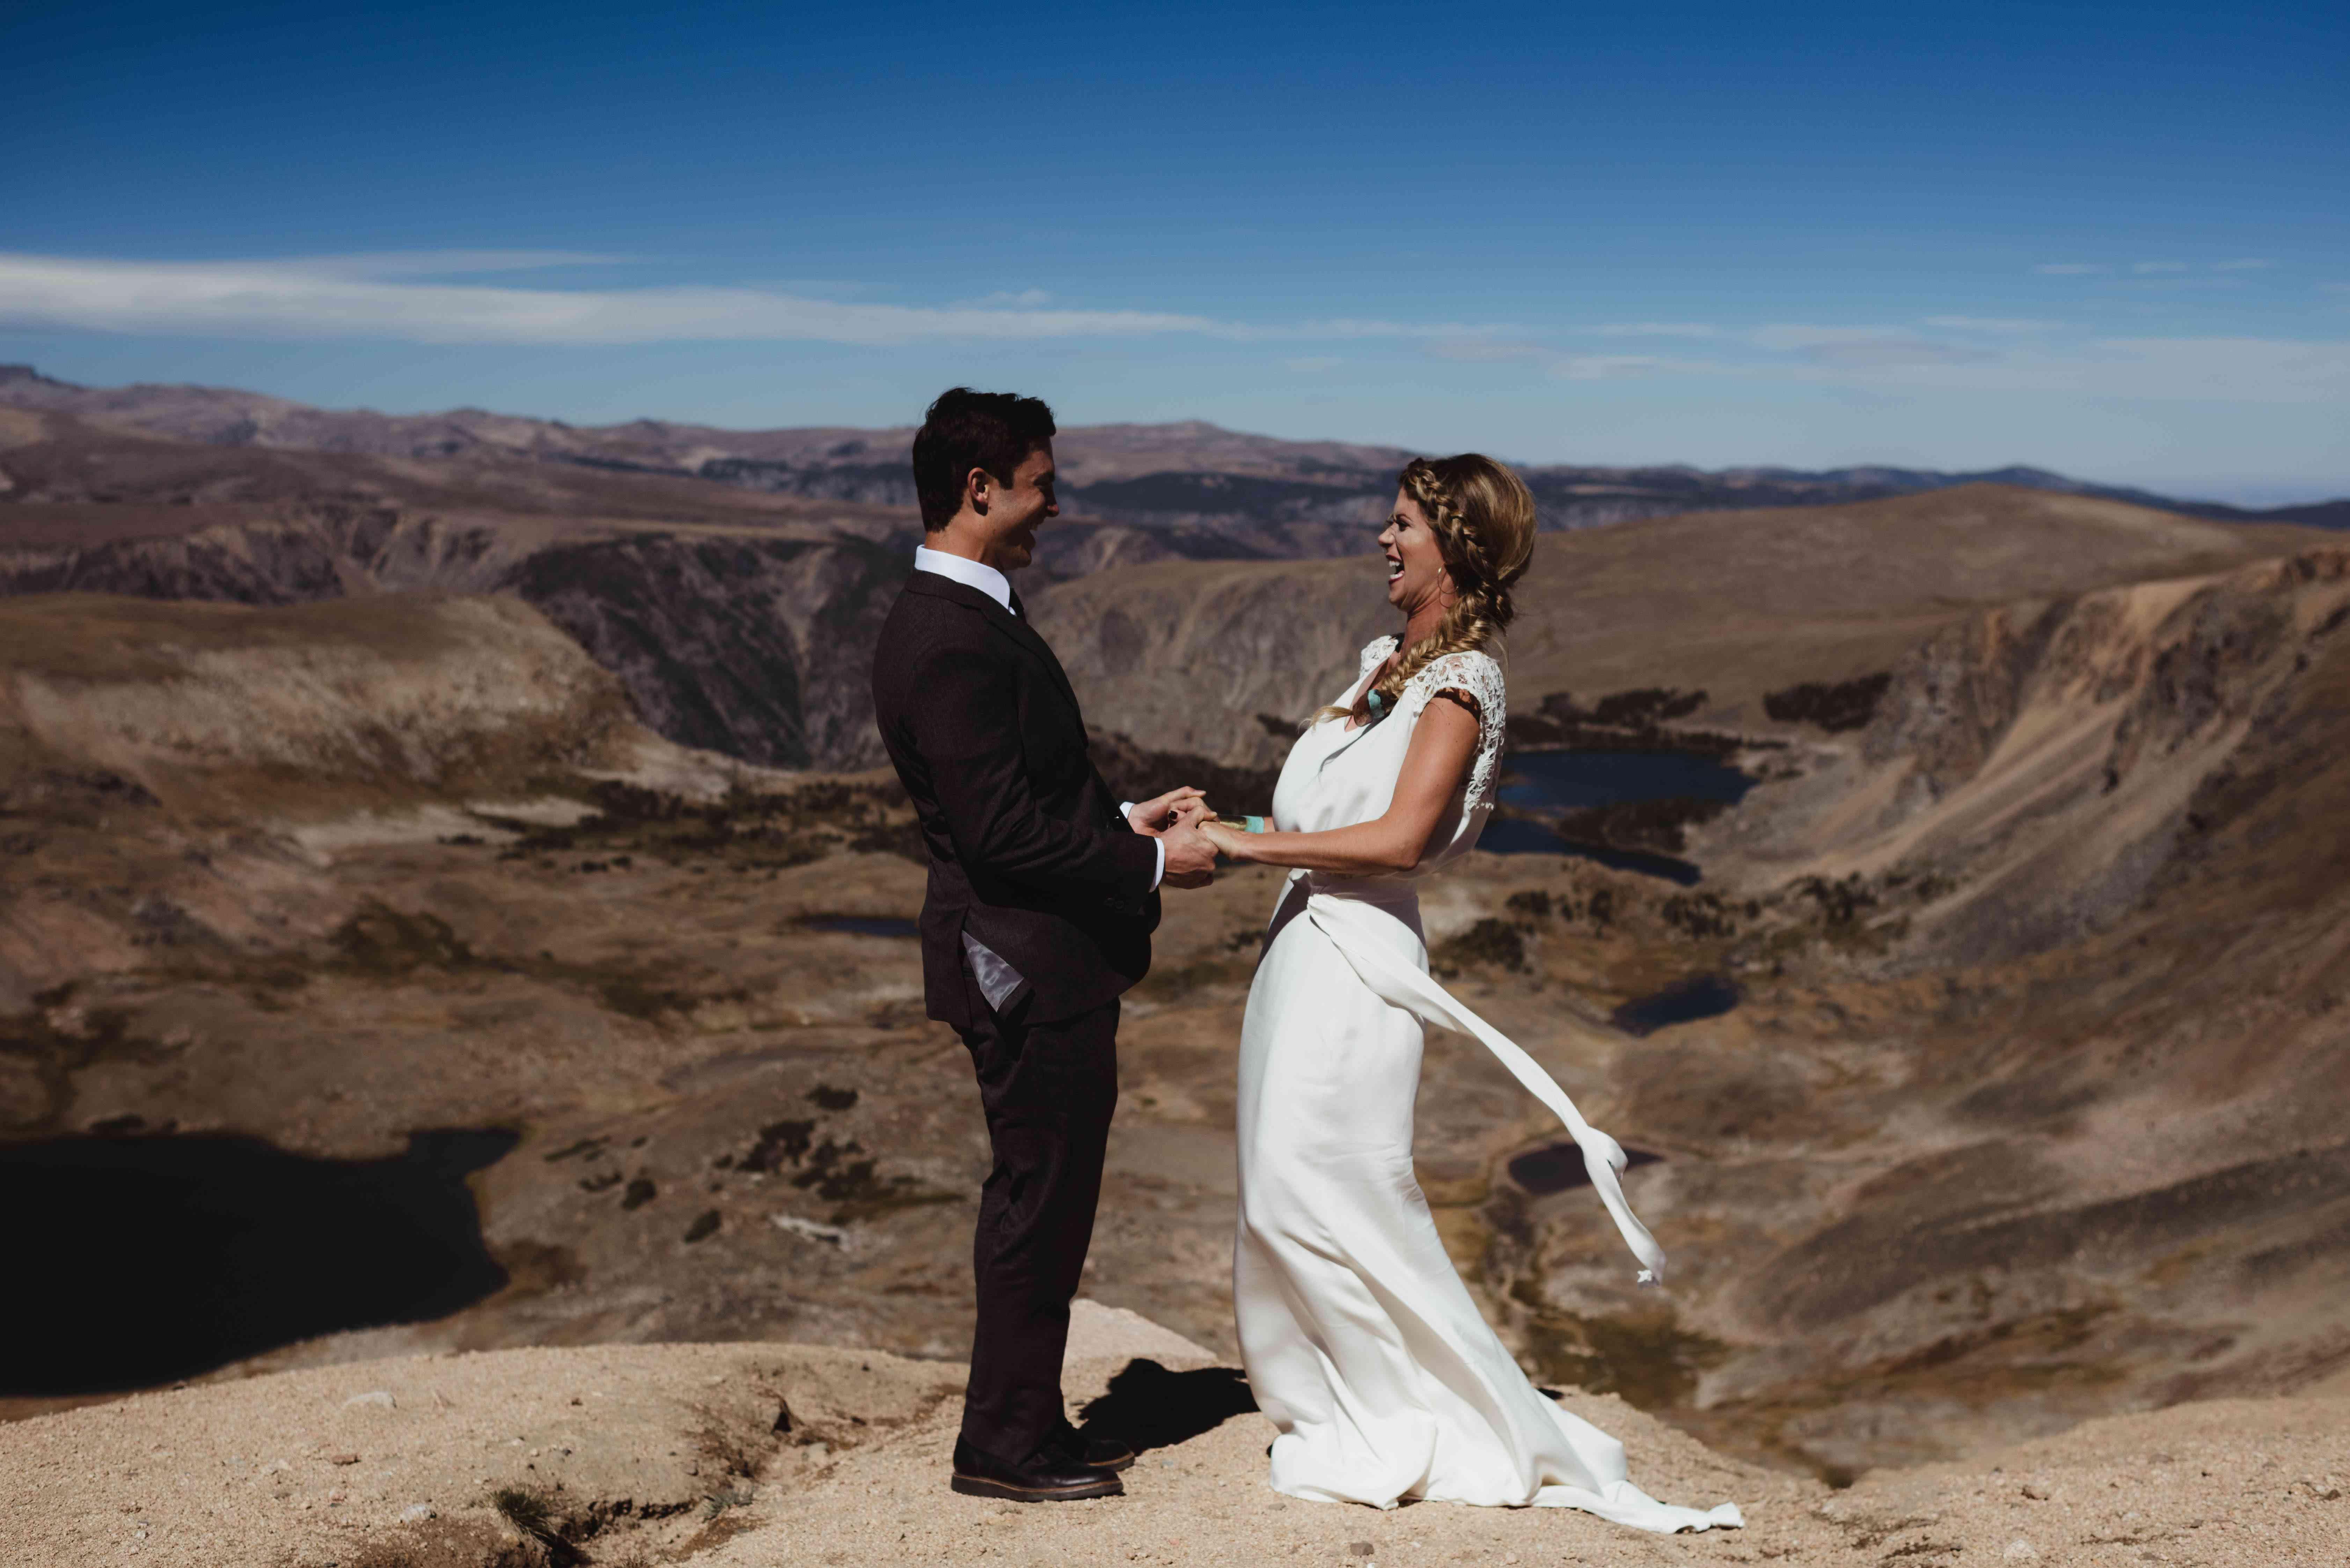 <p>Wedding photo at Beartooth Pass in Montana</p>